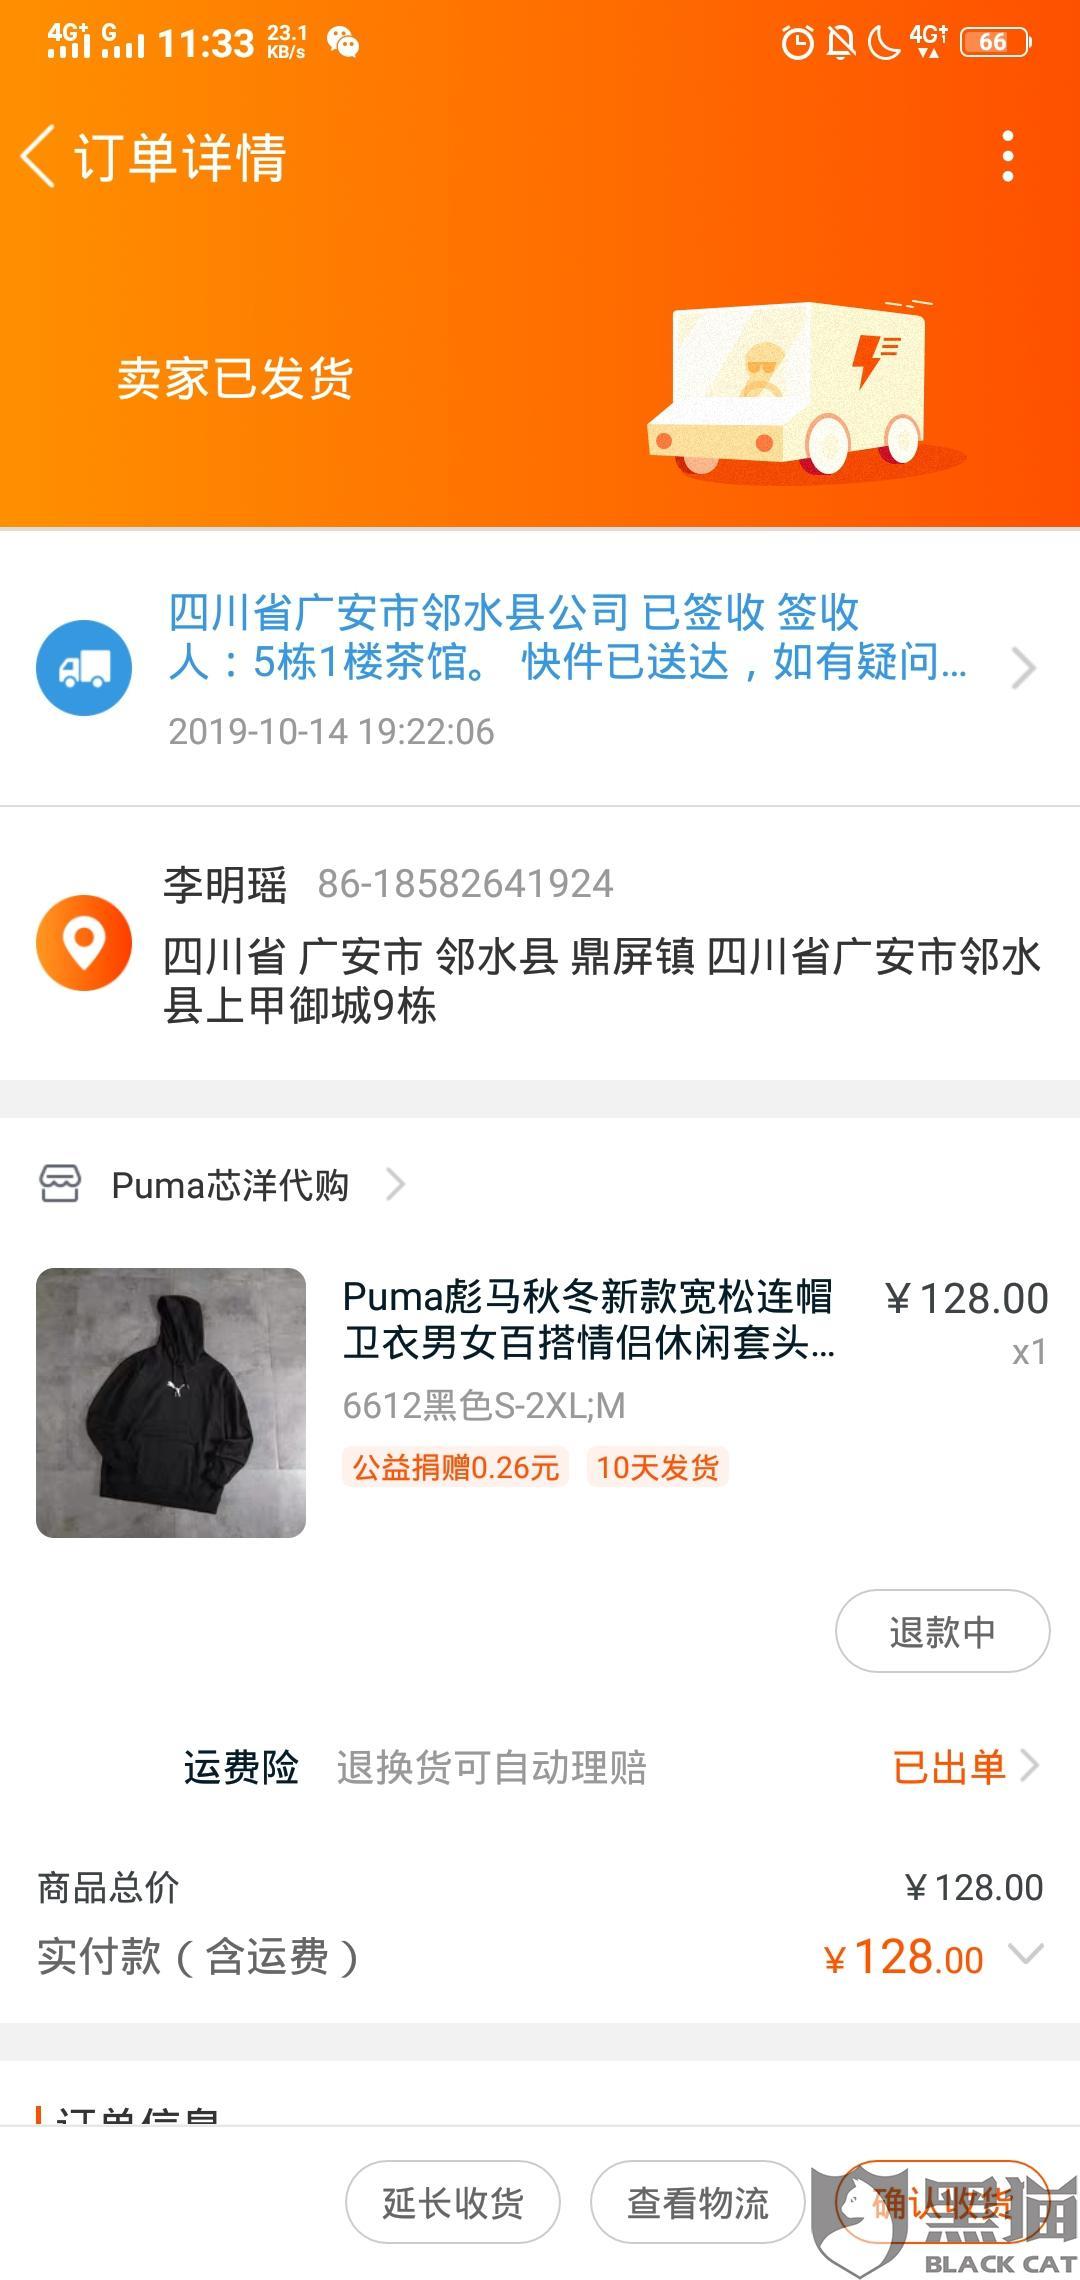 黑猫投诉:淘宝商家 puma芯洋代购出售假货